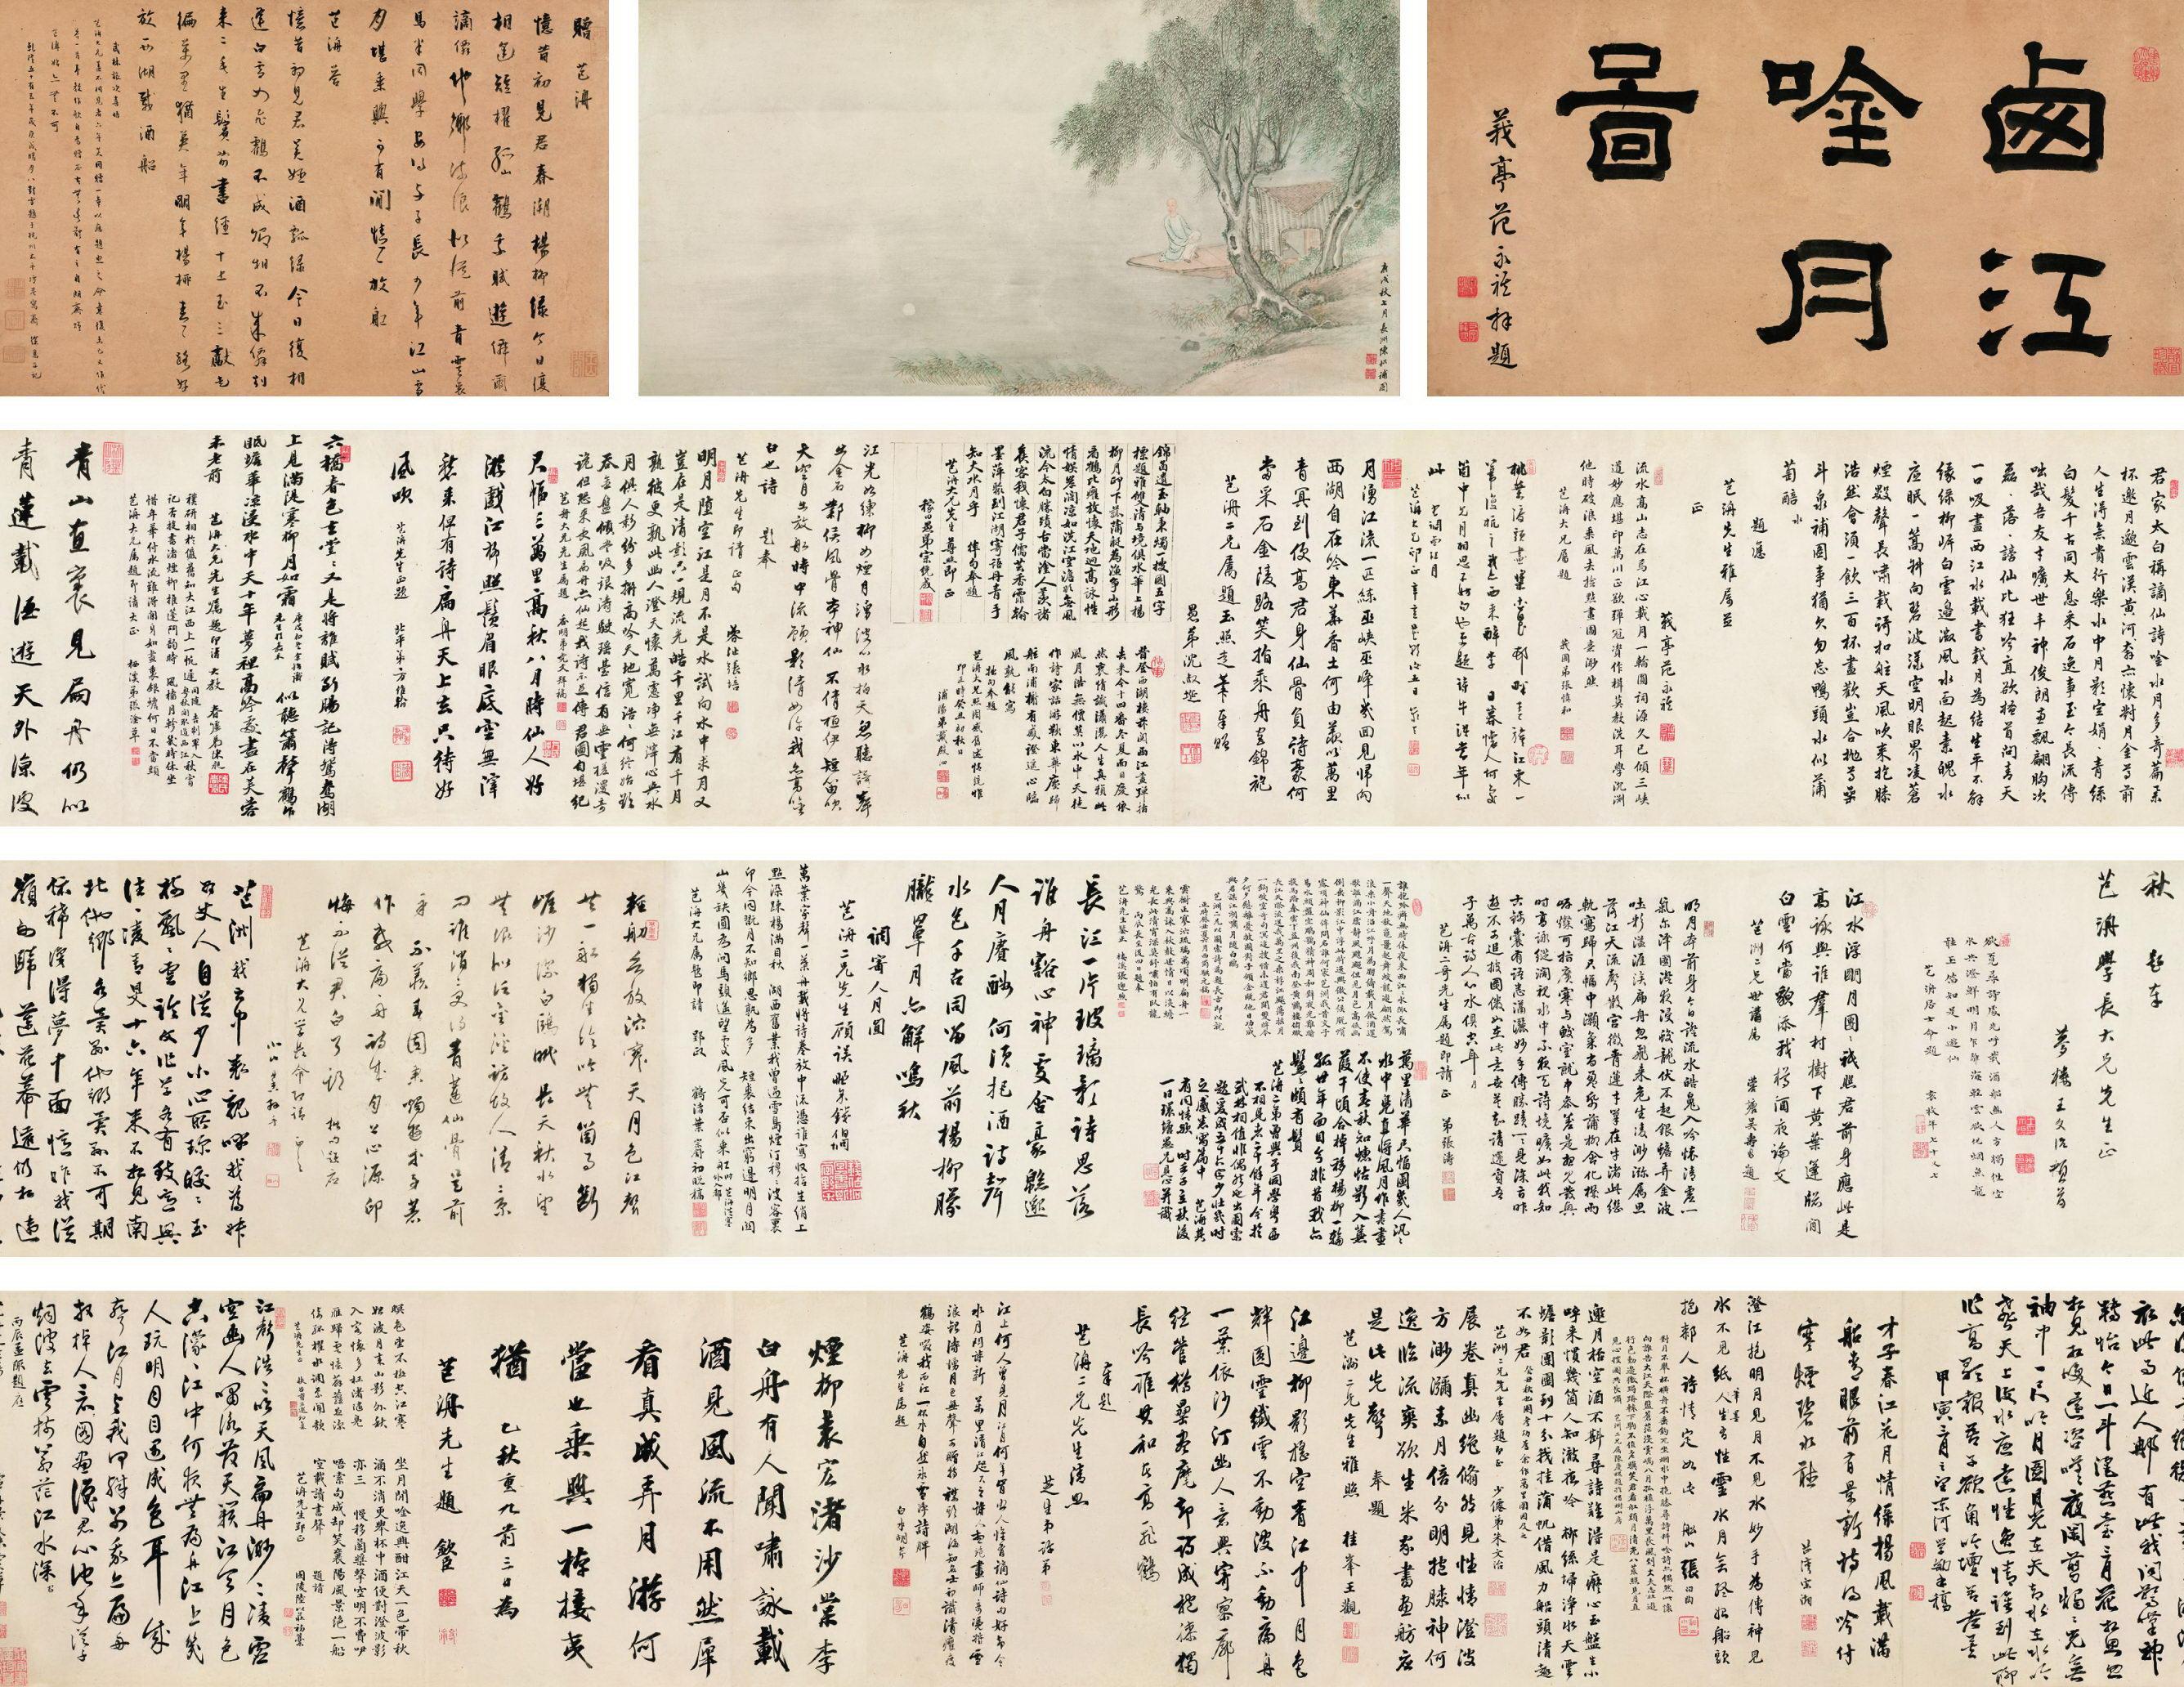 西江吟月图